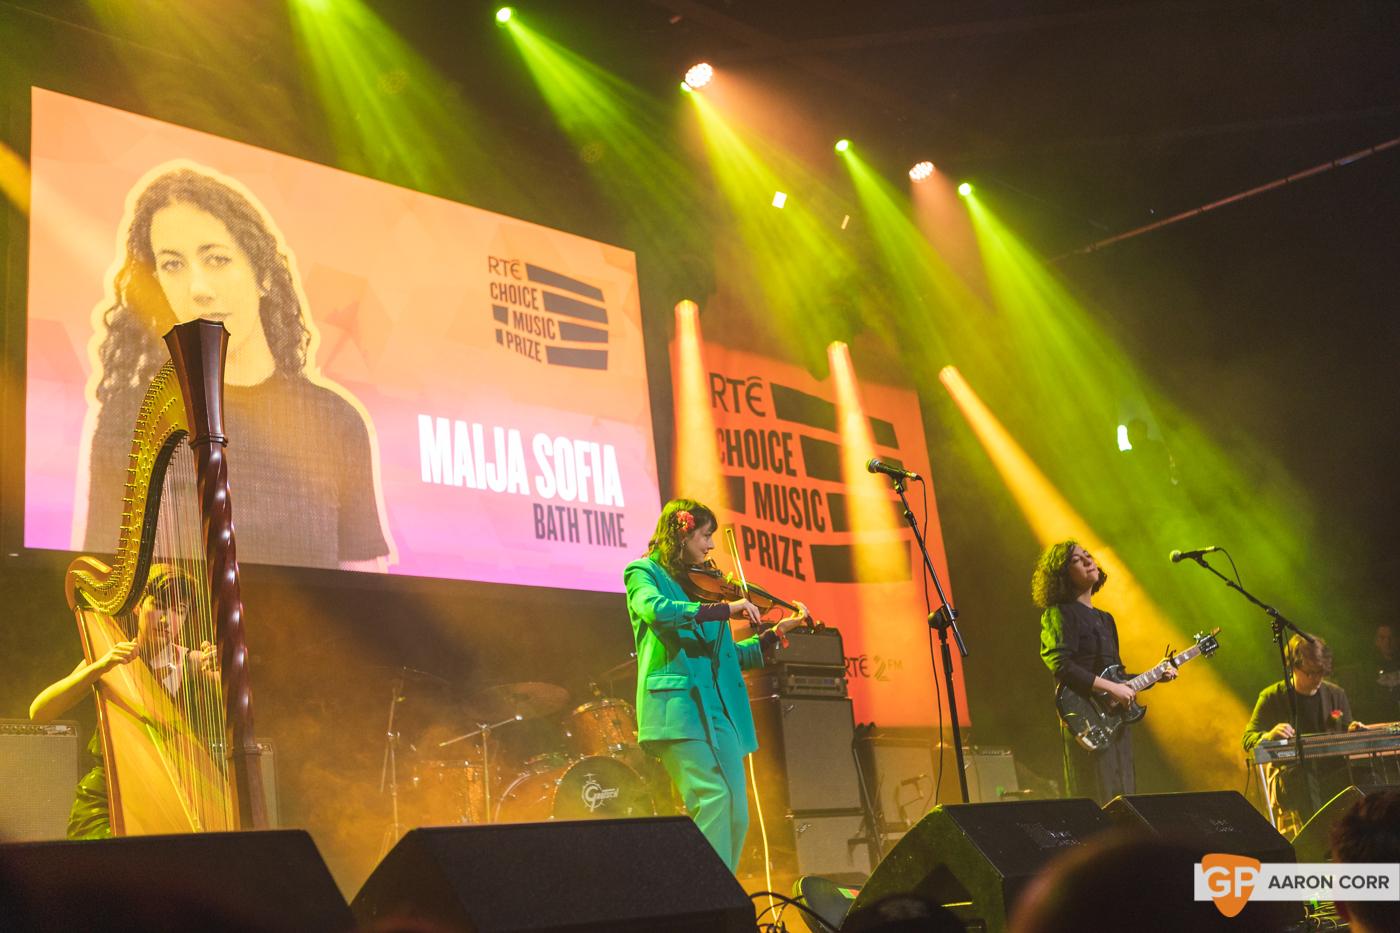 Maija Sofia at Choice Music Prize 2020 in Vicar Street, Dublin on 05-Mar-20 by Aaron Corr-2488